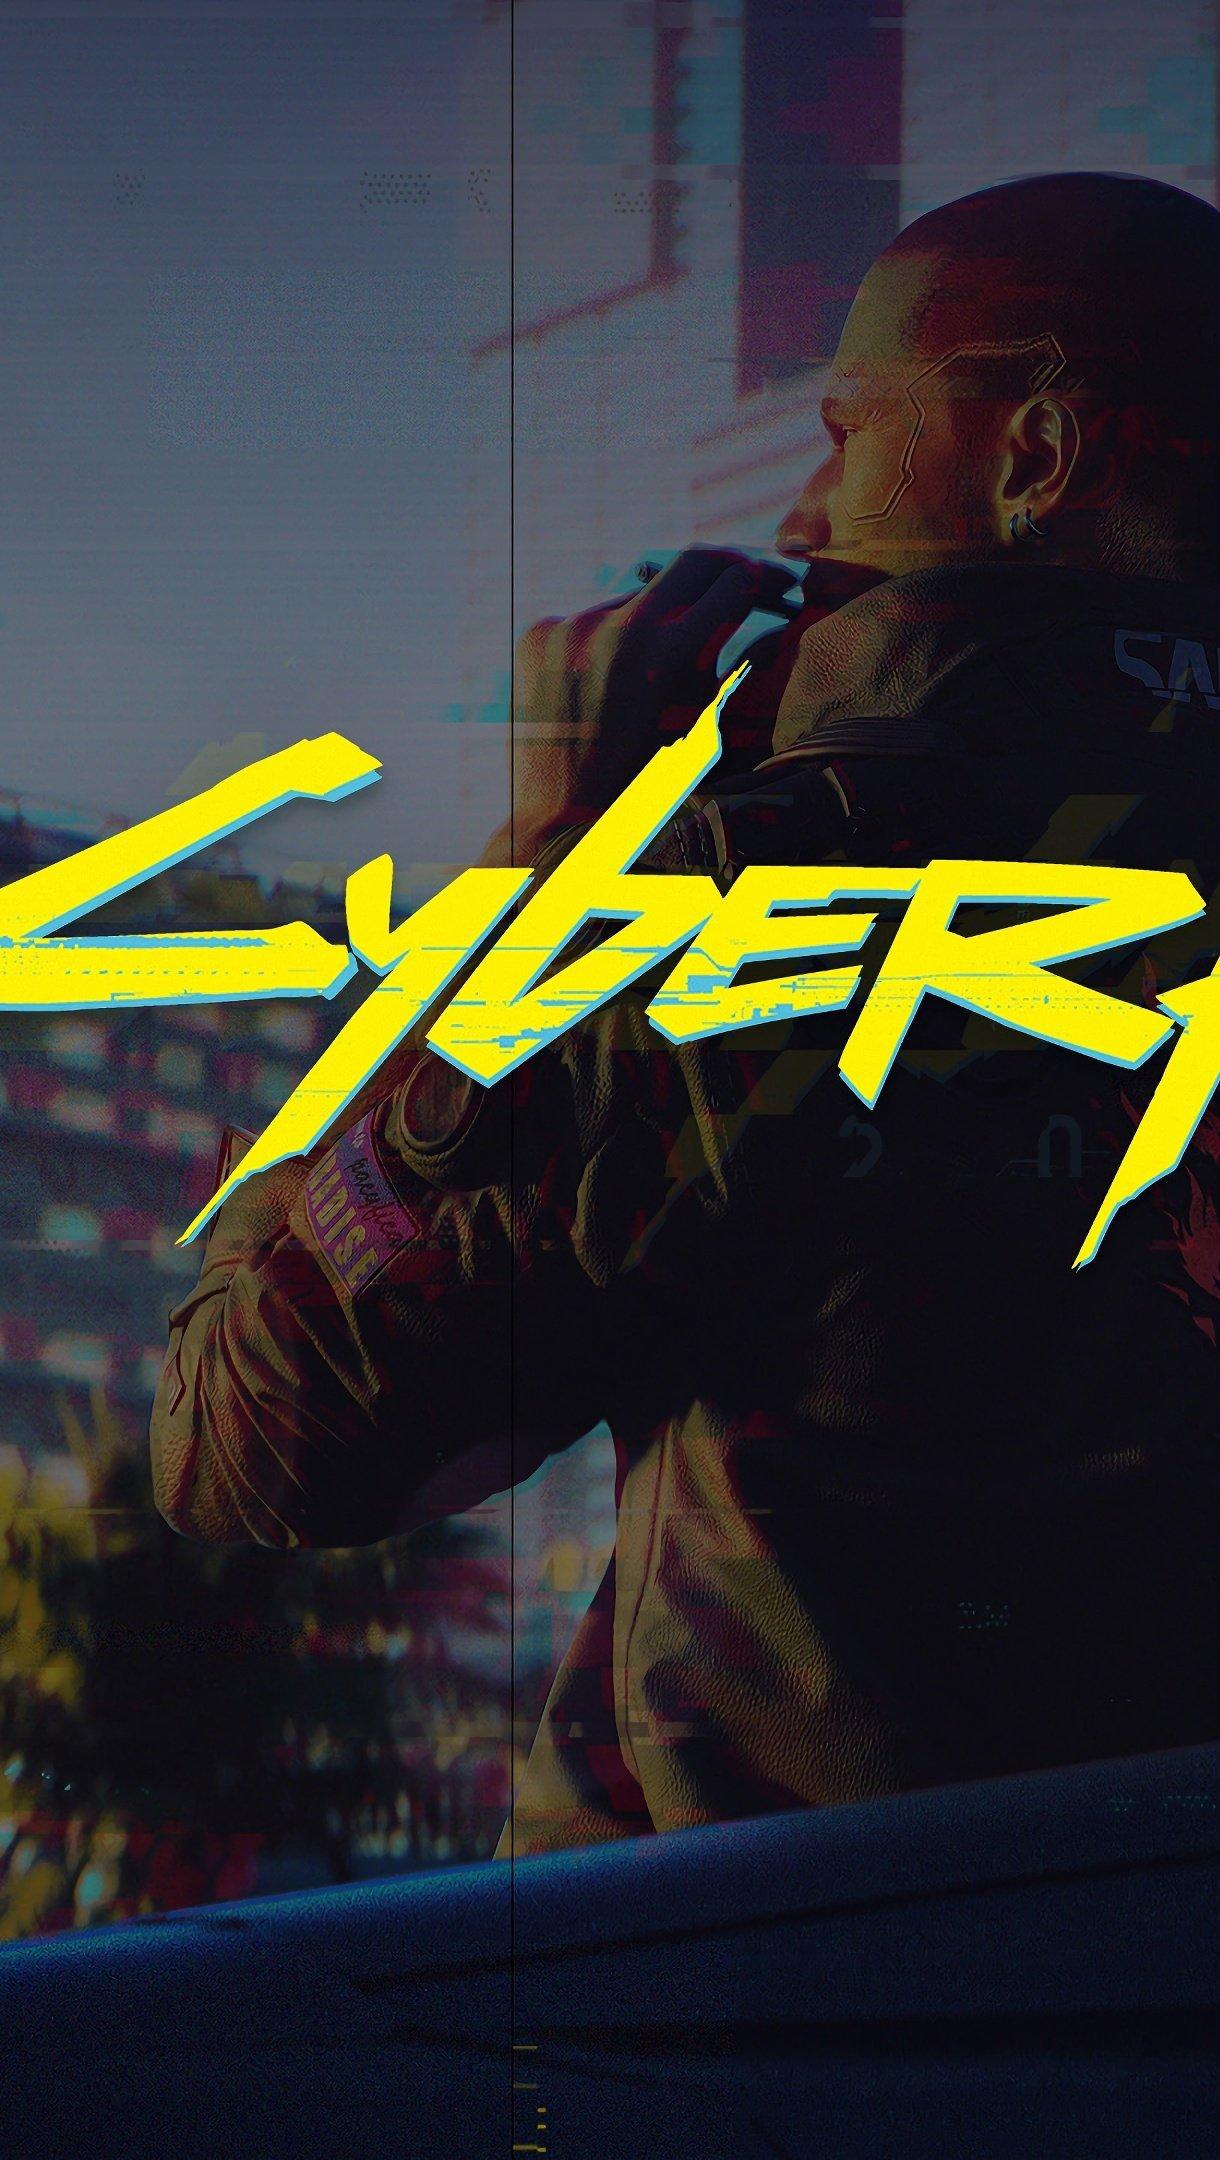 Wallpaper Cyberpunk 2077 Vertical